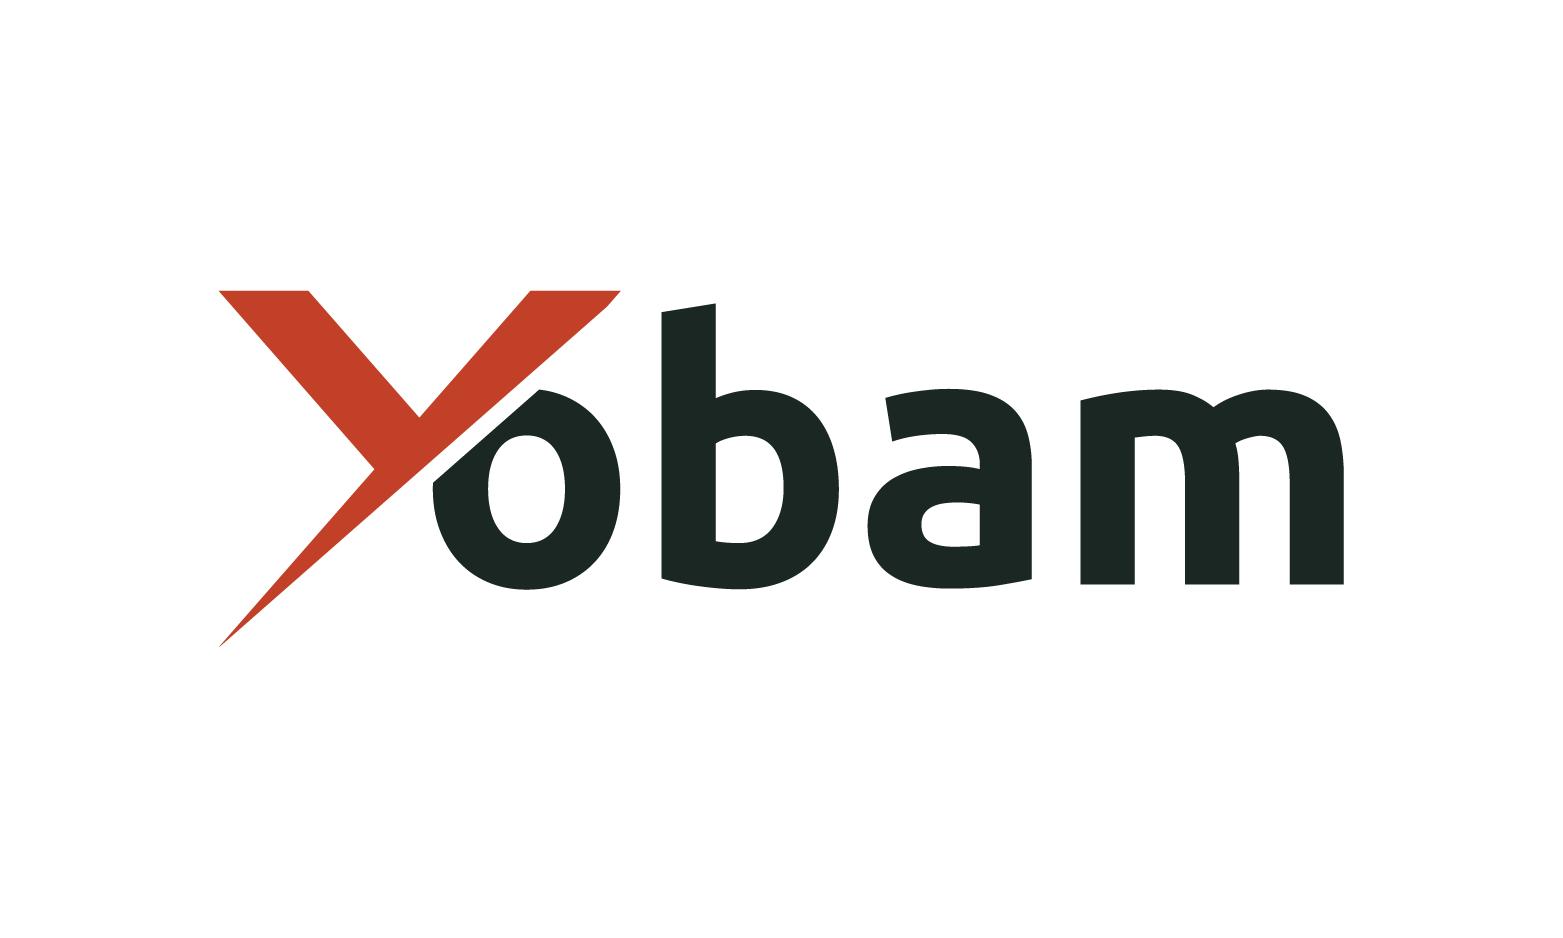 Yobam.com